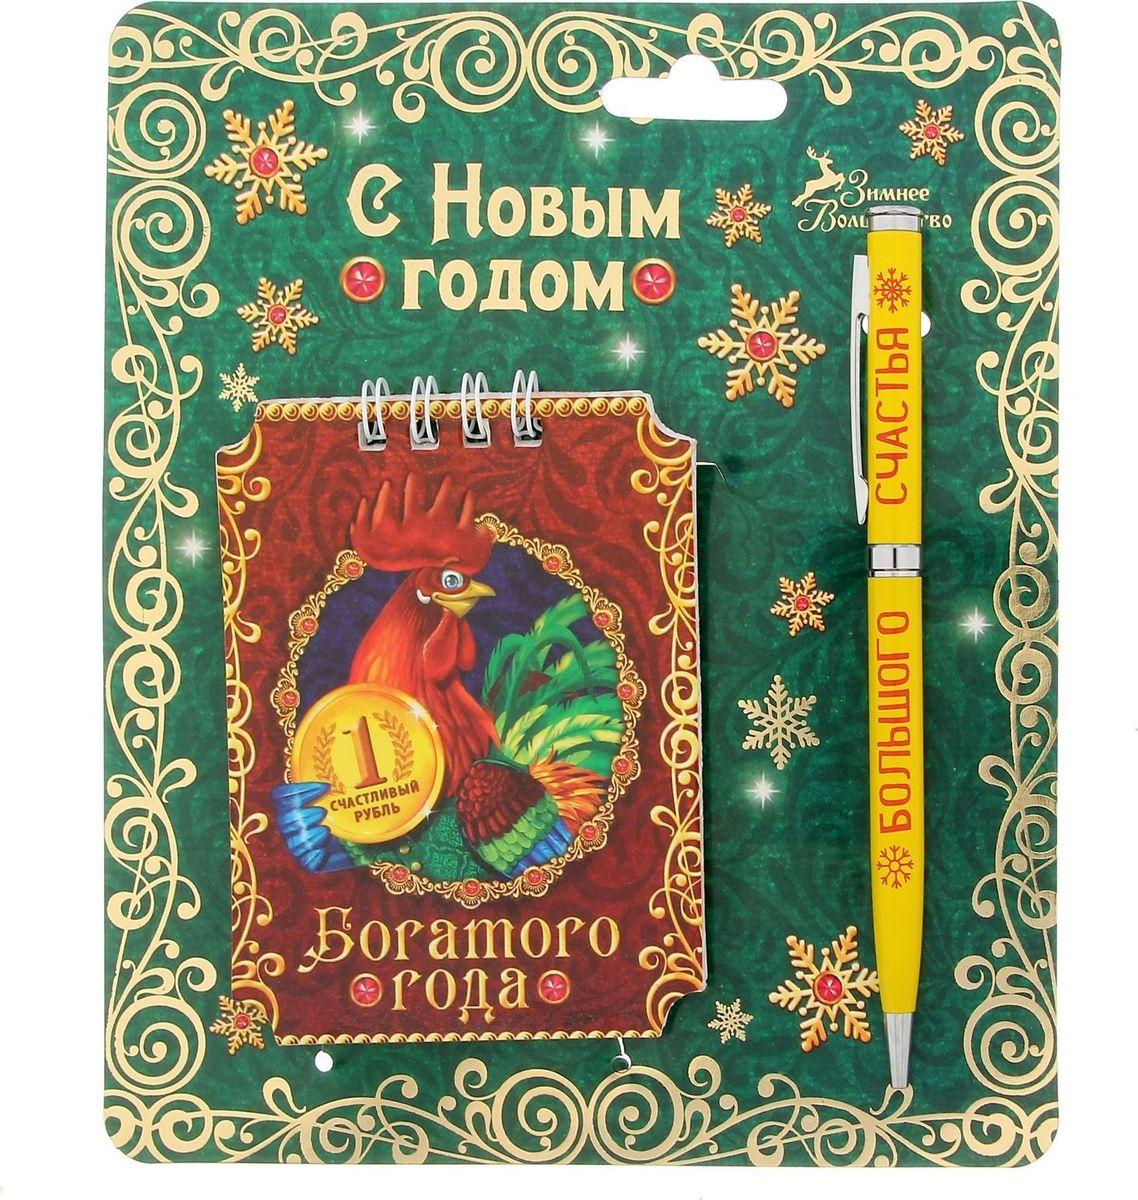 Набор с блокнотом и ручкой Богатого года1350540Если вы ищете сувенир, который сочетает в себе сразу несколько качеств, то подарочный набор с ручкой и блокнотом — то, что вам нужно! Такой подарок обязательно придется по душе тем, кто ценит практичные презенты. Оригинальная ручка с теплыми пожеланиями и блокнот с яркими рисунками крепятся к красочной подложке, поэтому такой сувенир станет великолепным подарком для друзей, коллег или знакомых.